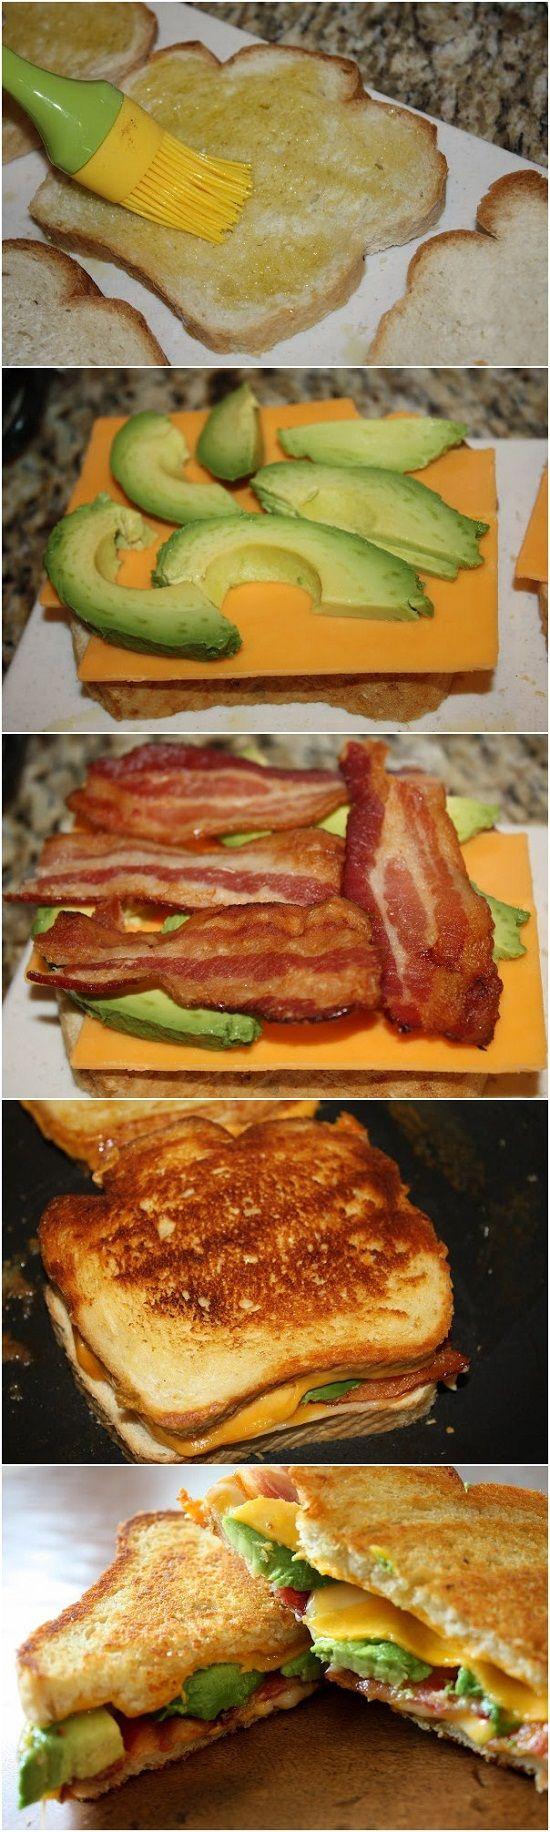 Bacon Avocado Grilled Cheese Recipe